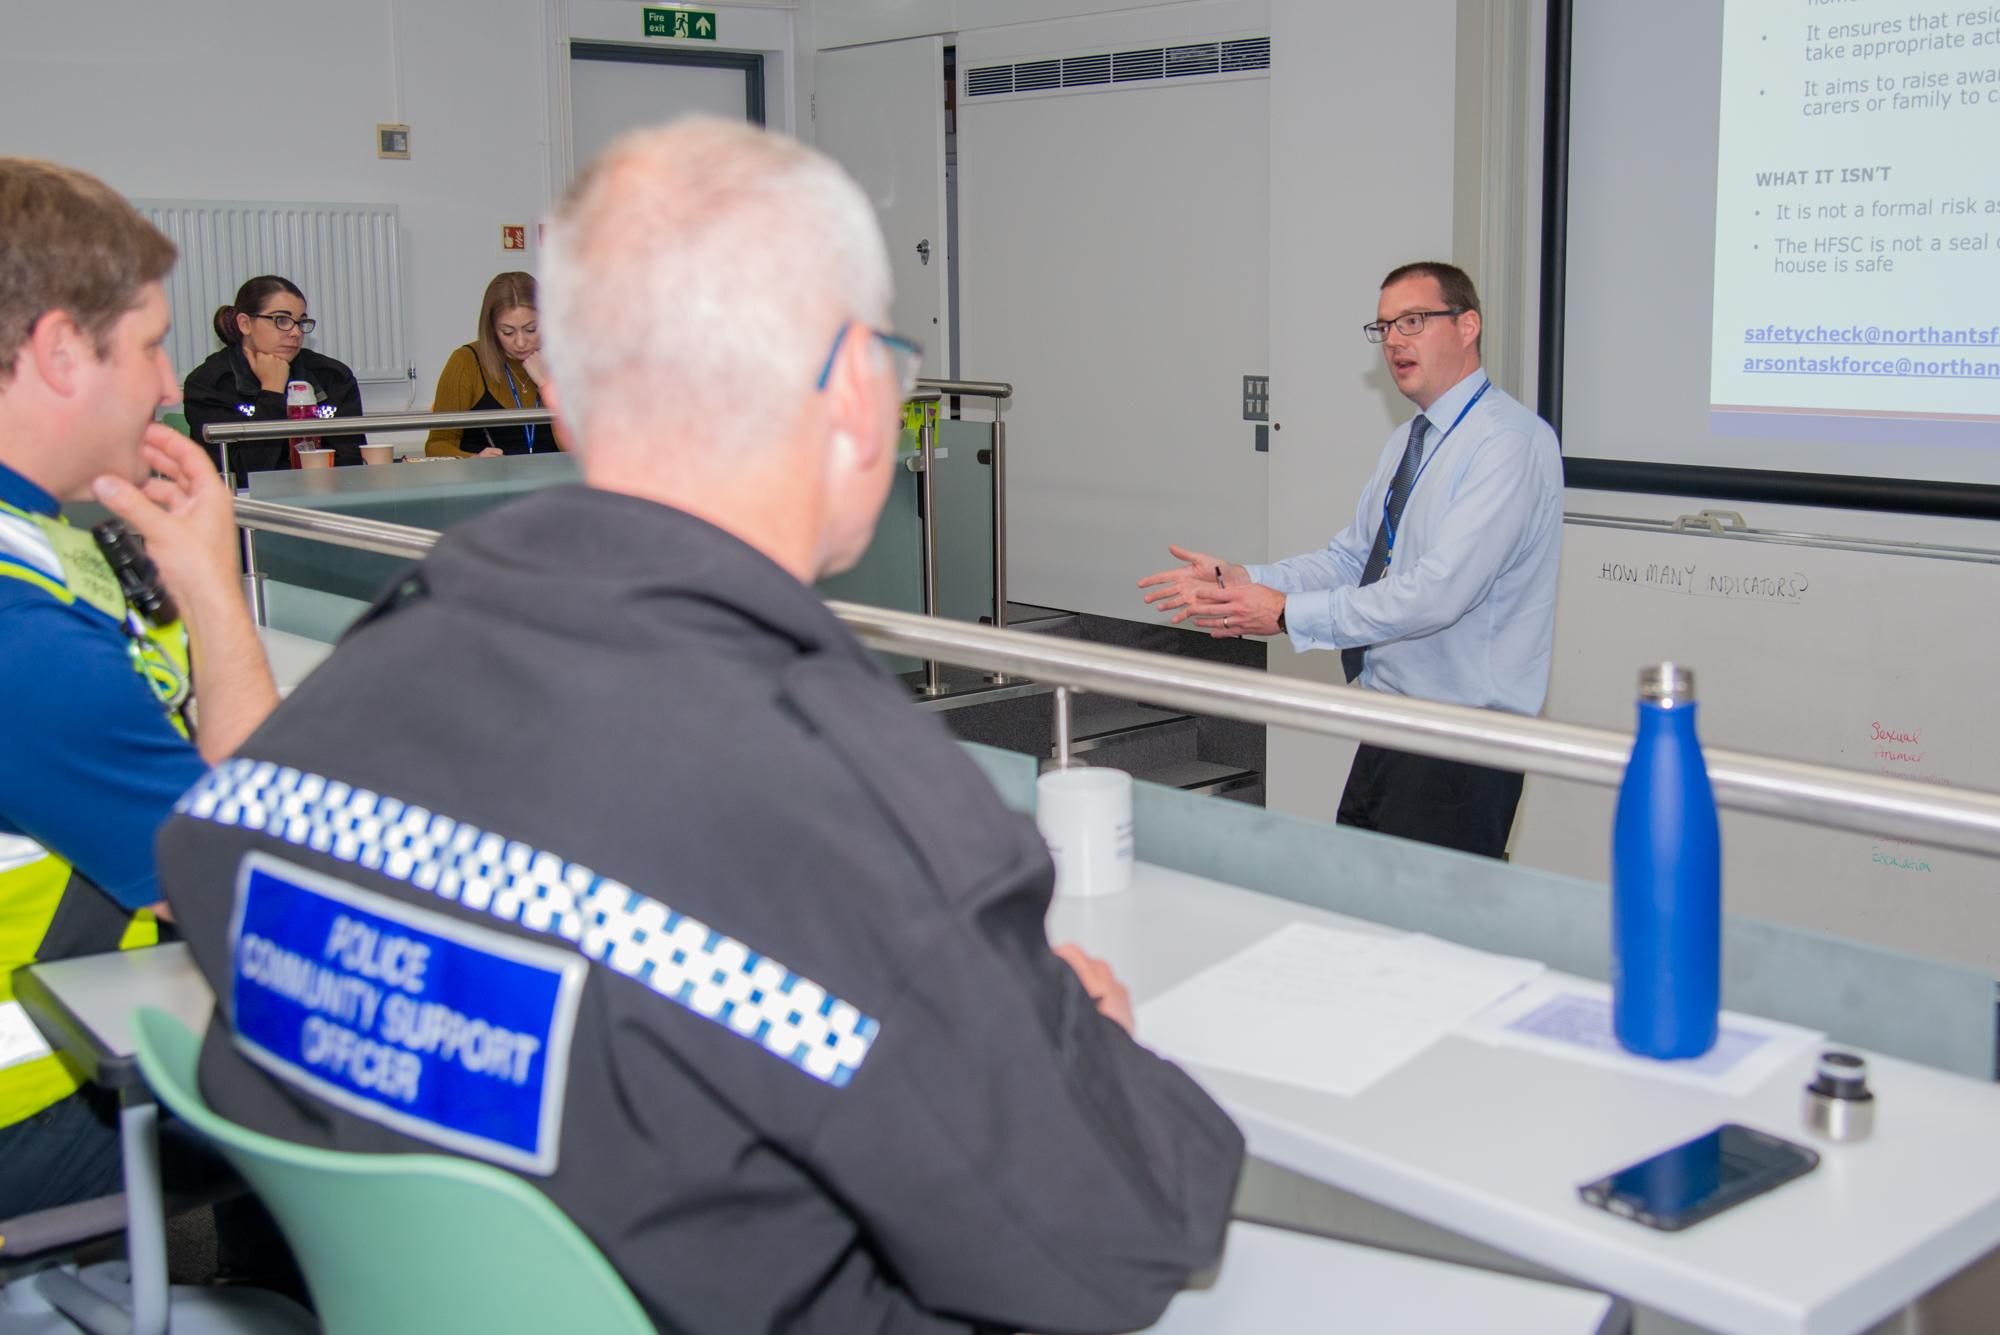 Neighbourhood Policing Team receiving crime prevention training